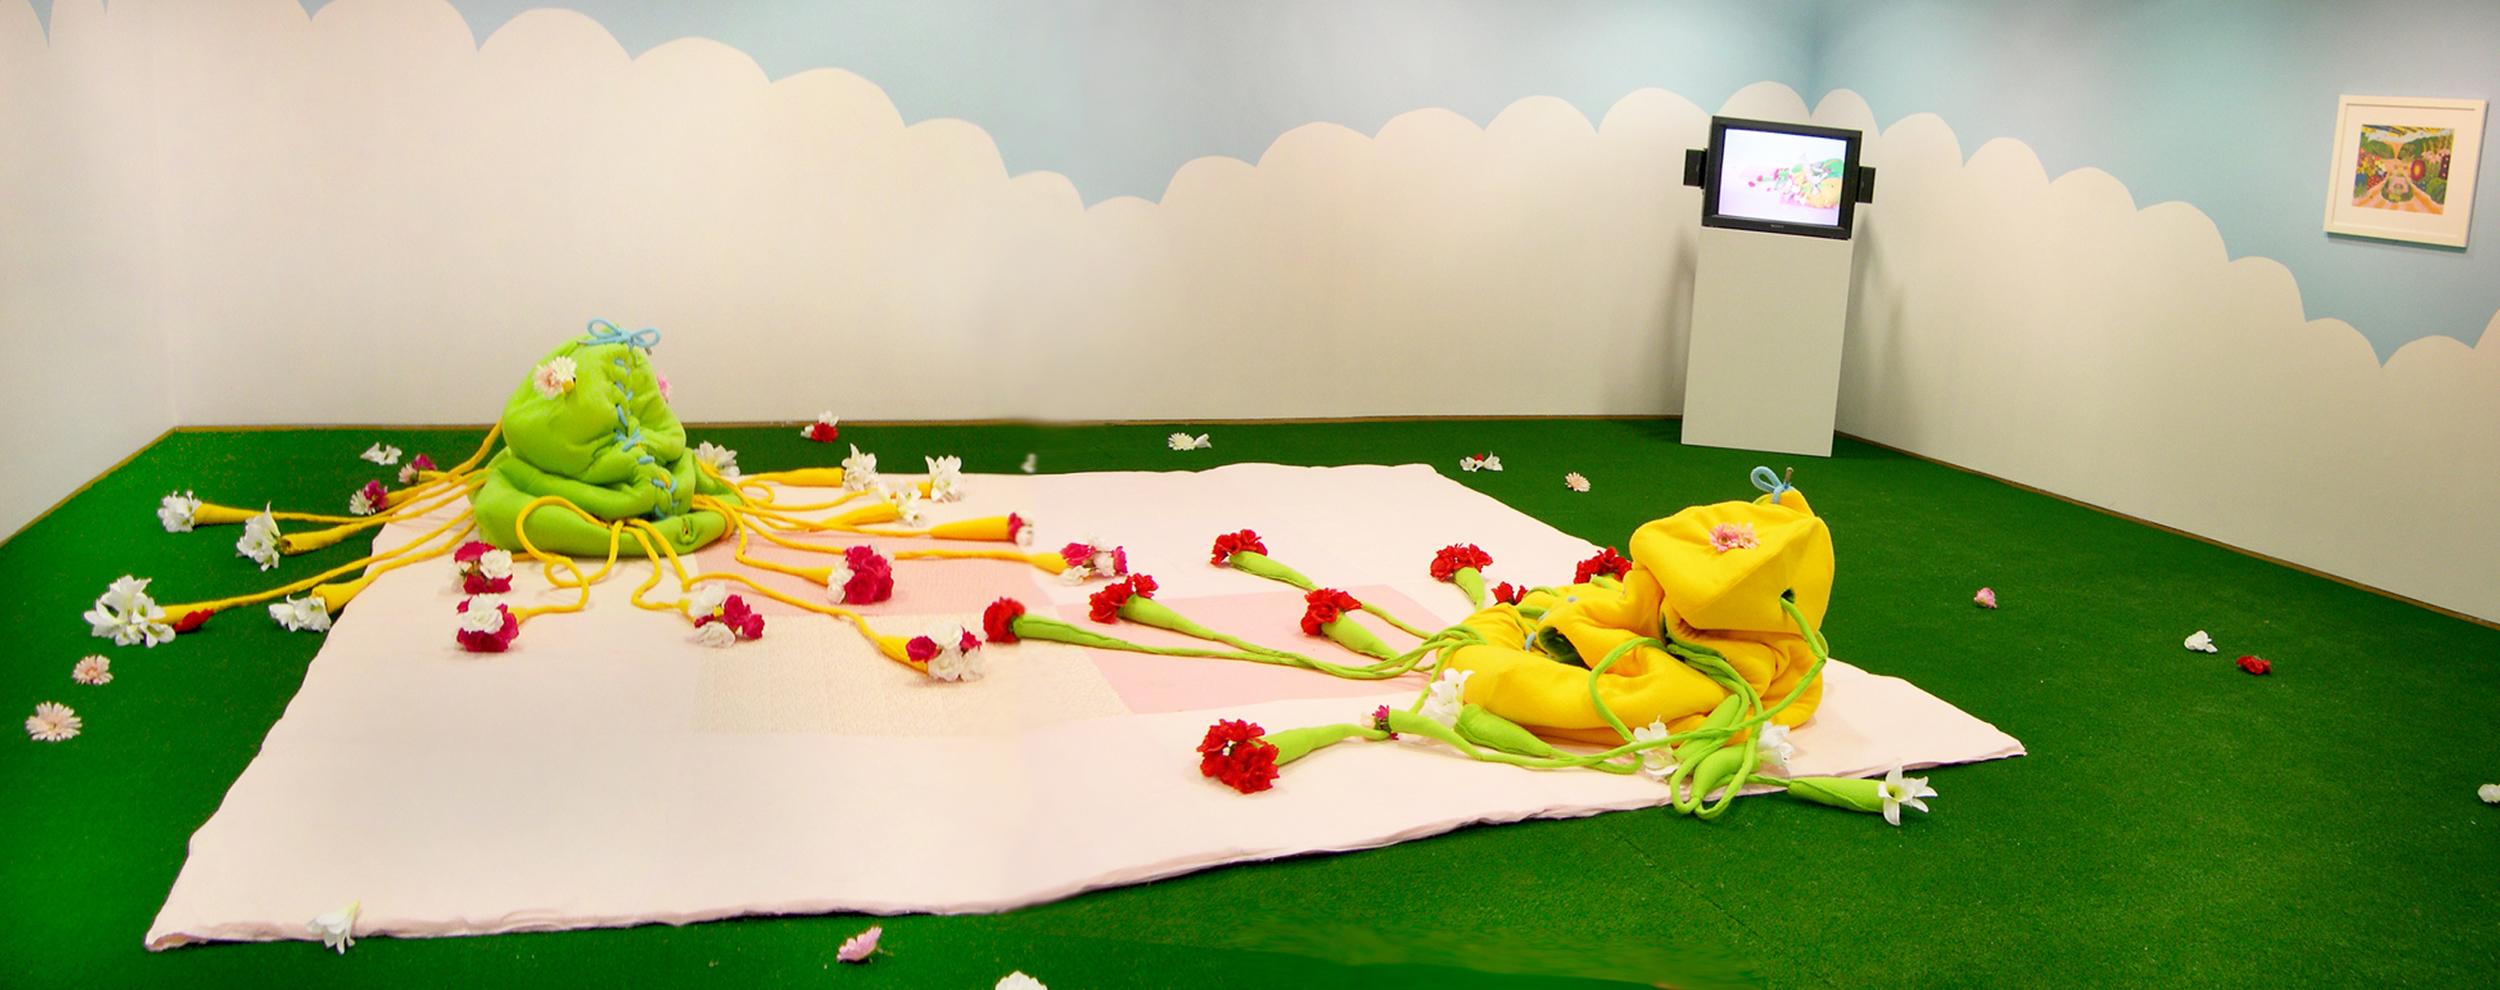 Paradise Imagined  Mixed media installation, performance (20 min) 2004